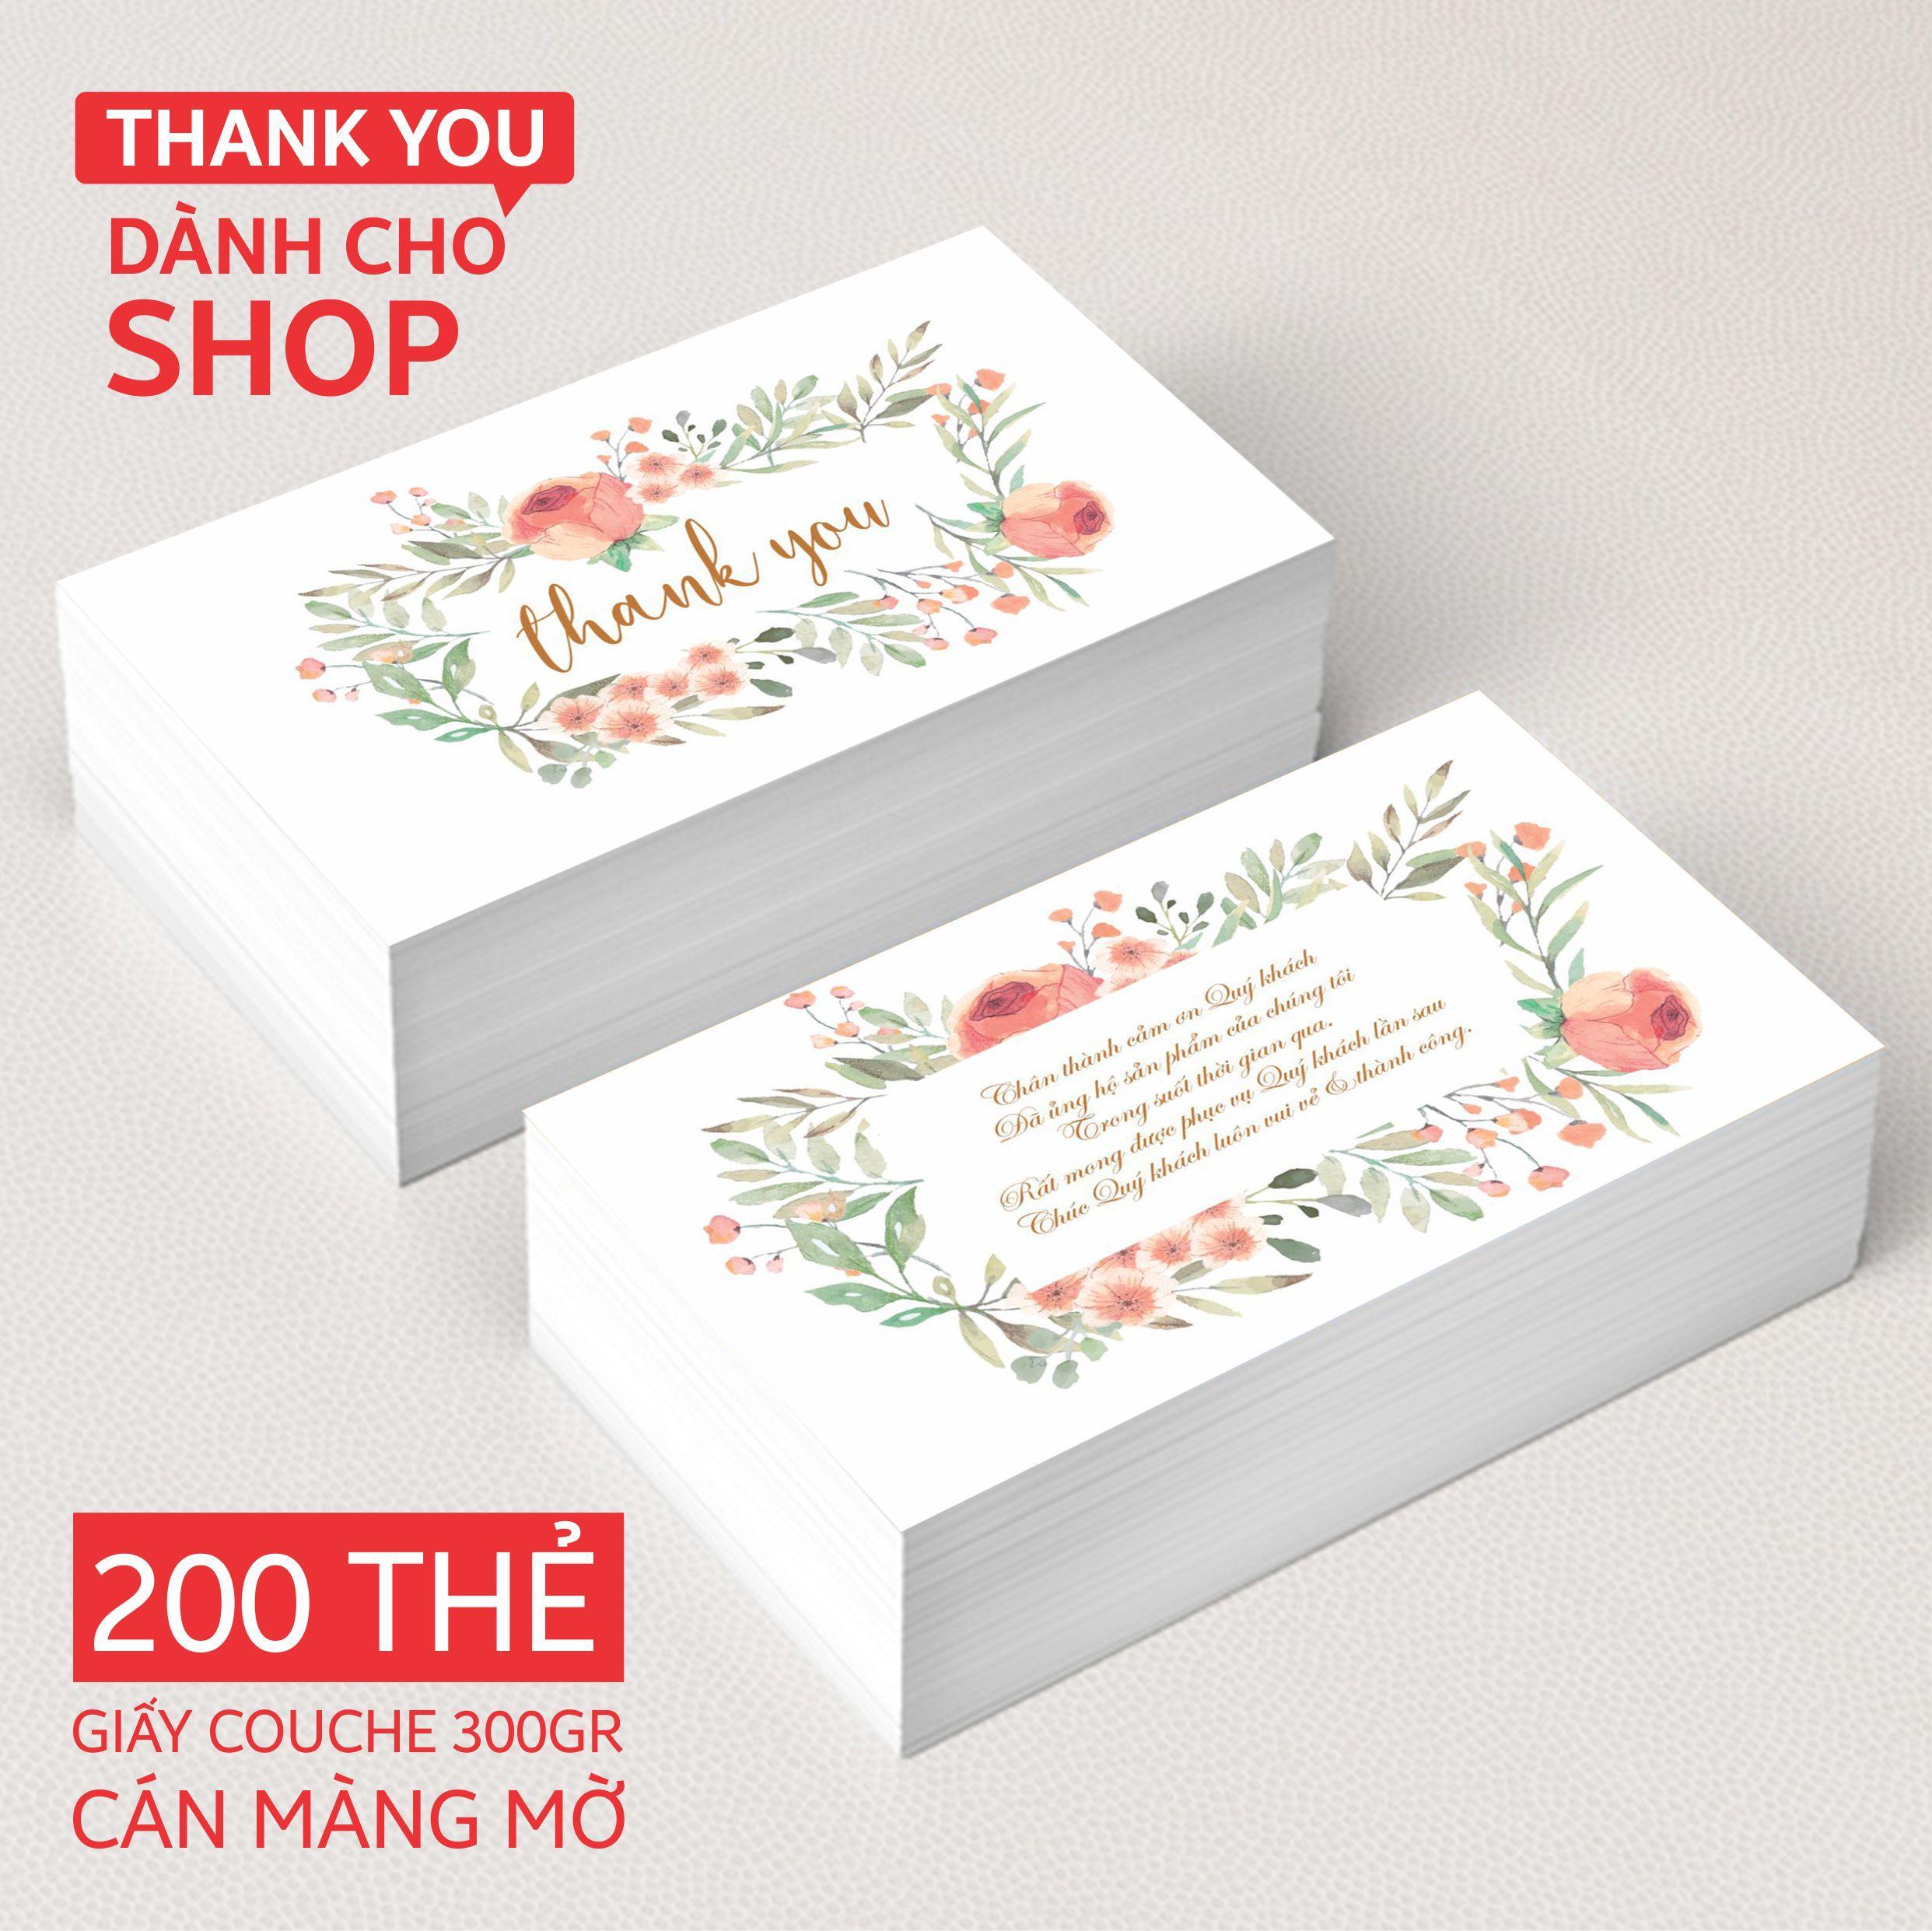 Mua Thank You Card - Thẻ cảm ơn  dành cho shop (200 THẺ)